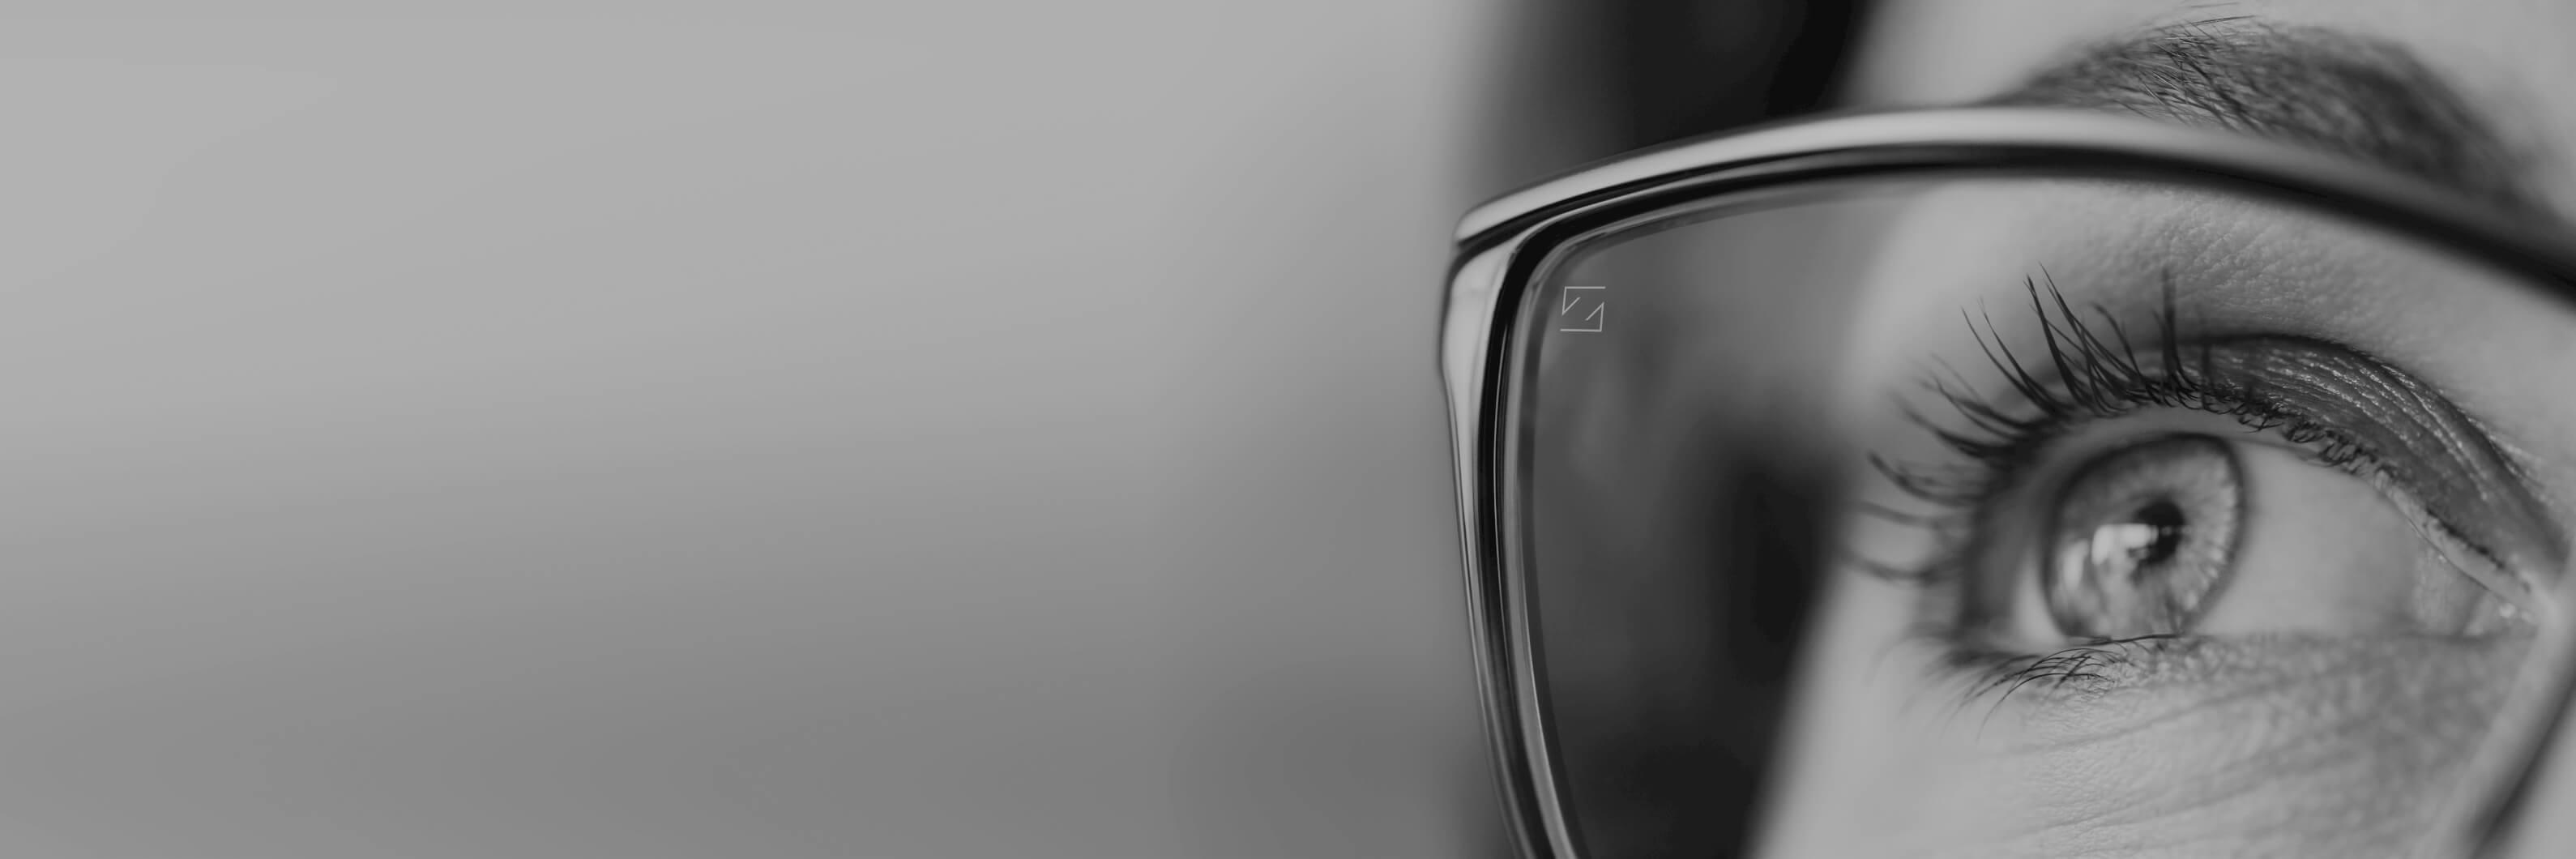 b70b45692c ZEISS Vision Care - Lentes oftálmicas e ferramentas de diagnóstico